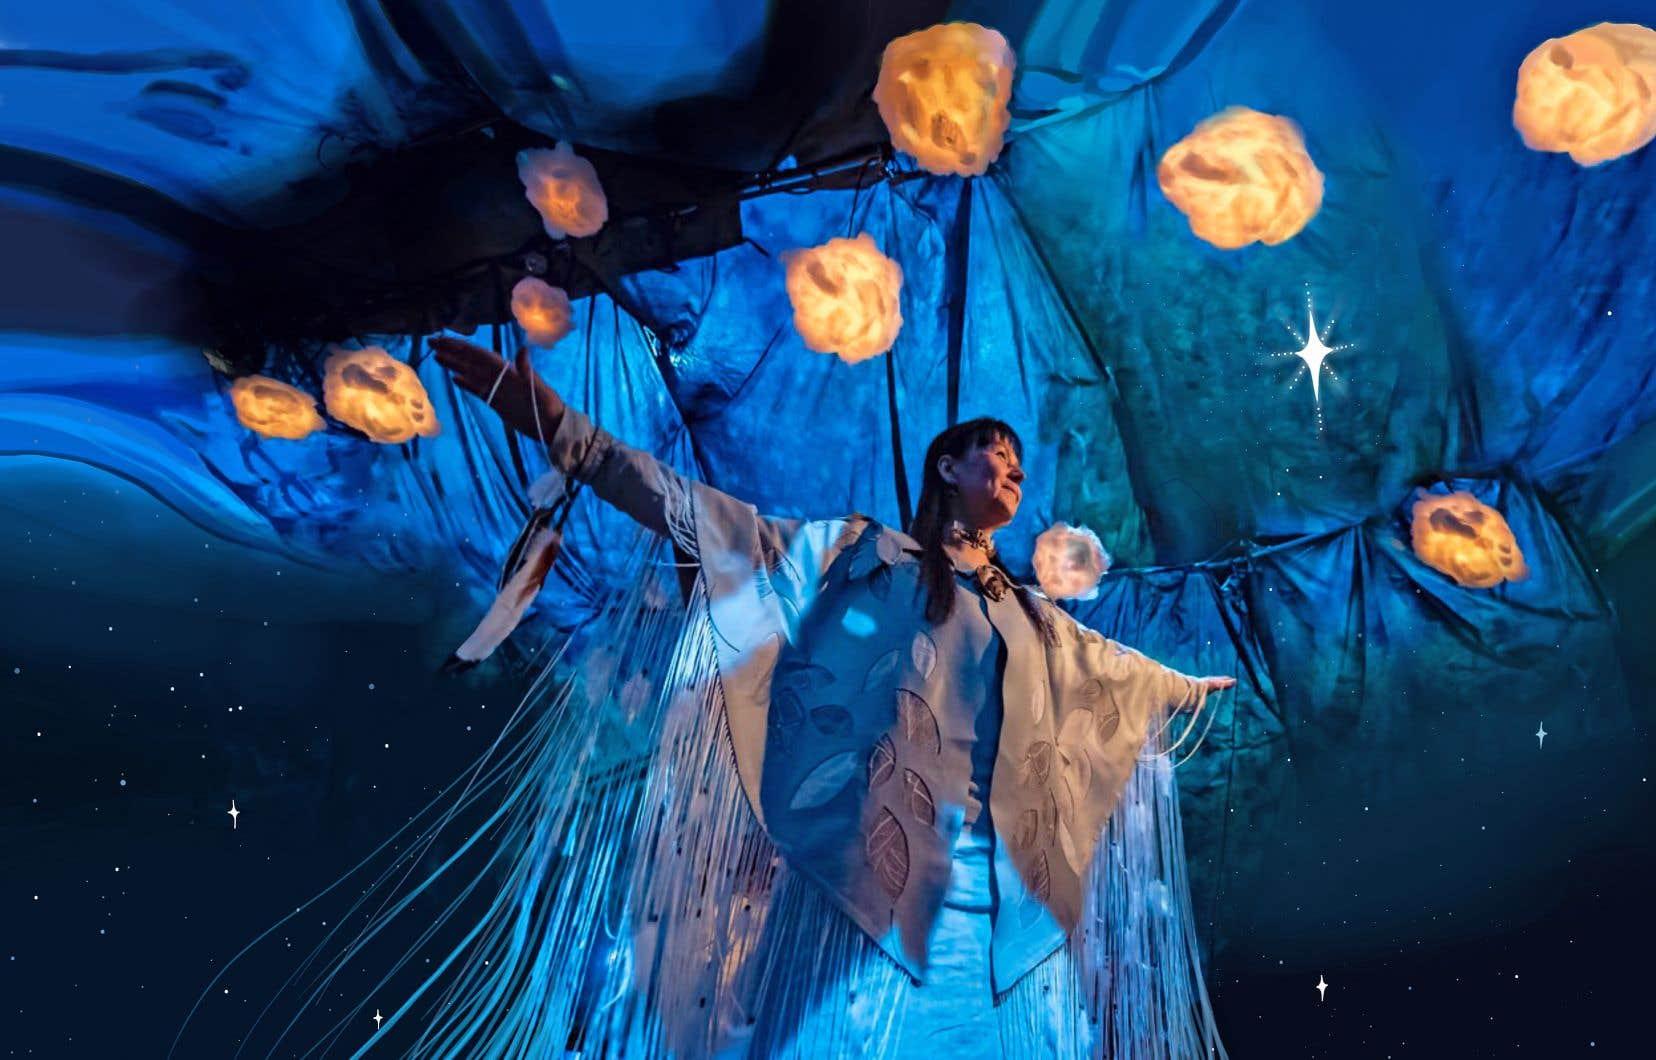 Le spectacle «Mokatek et l'étoile disparue», du directeur artistique Dave Jenniss, sera présenté au Centre national des arts d'Ottawa en septembre.